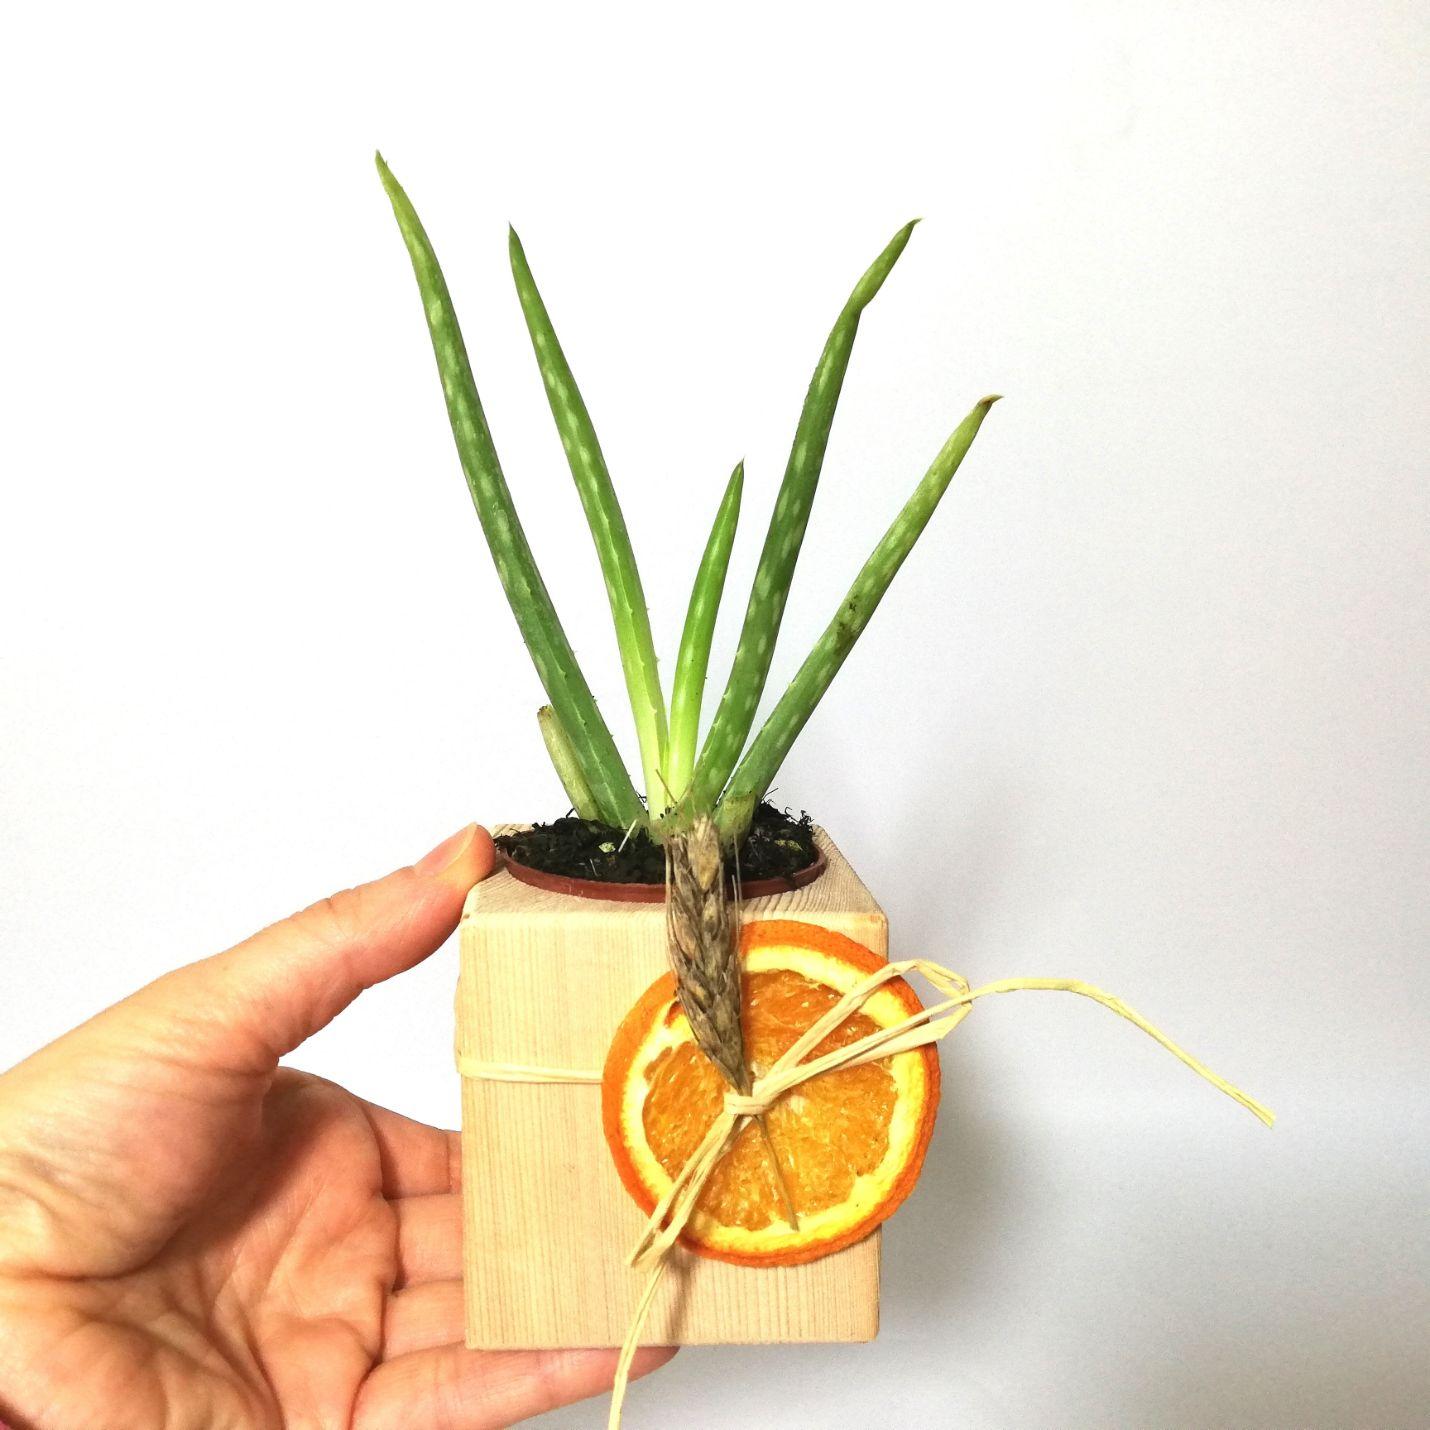 Doğal Ahşap Küp Saksı ve Canlı Aloe Vera - Djibouti